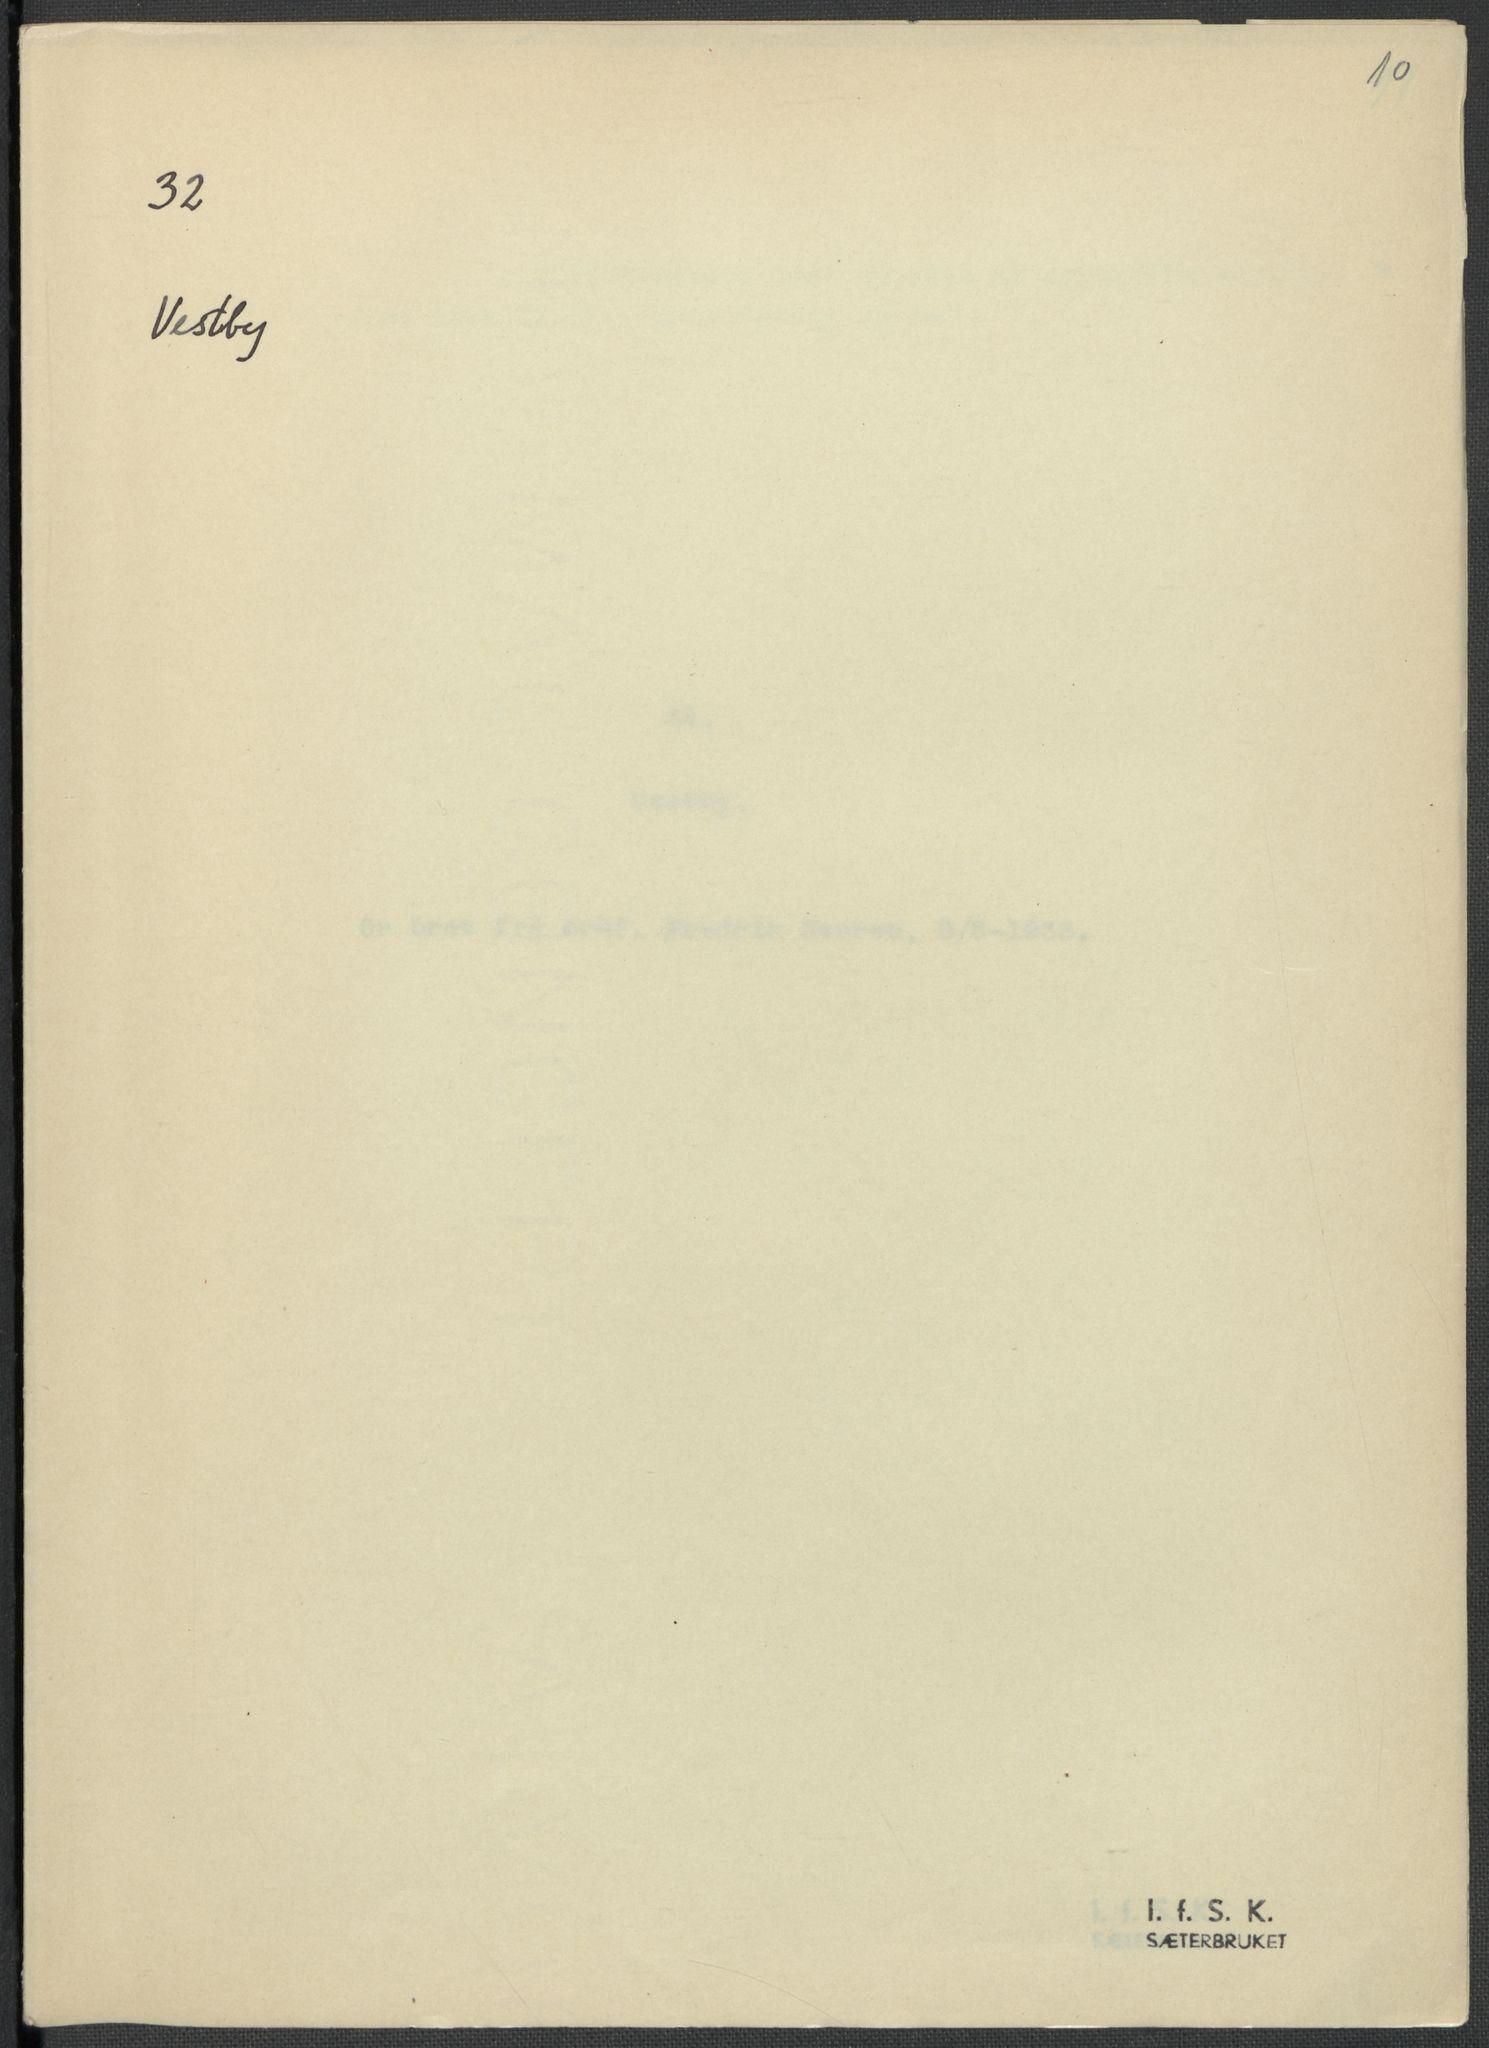 RA, Instituttet for sammenlignende kulturforskning, F/Fc/L0002: Eske B2:, 1932-1936, s. 10